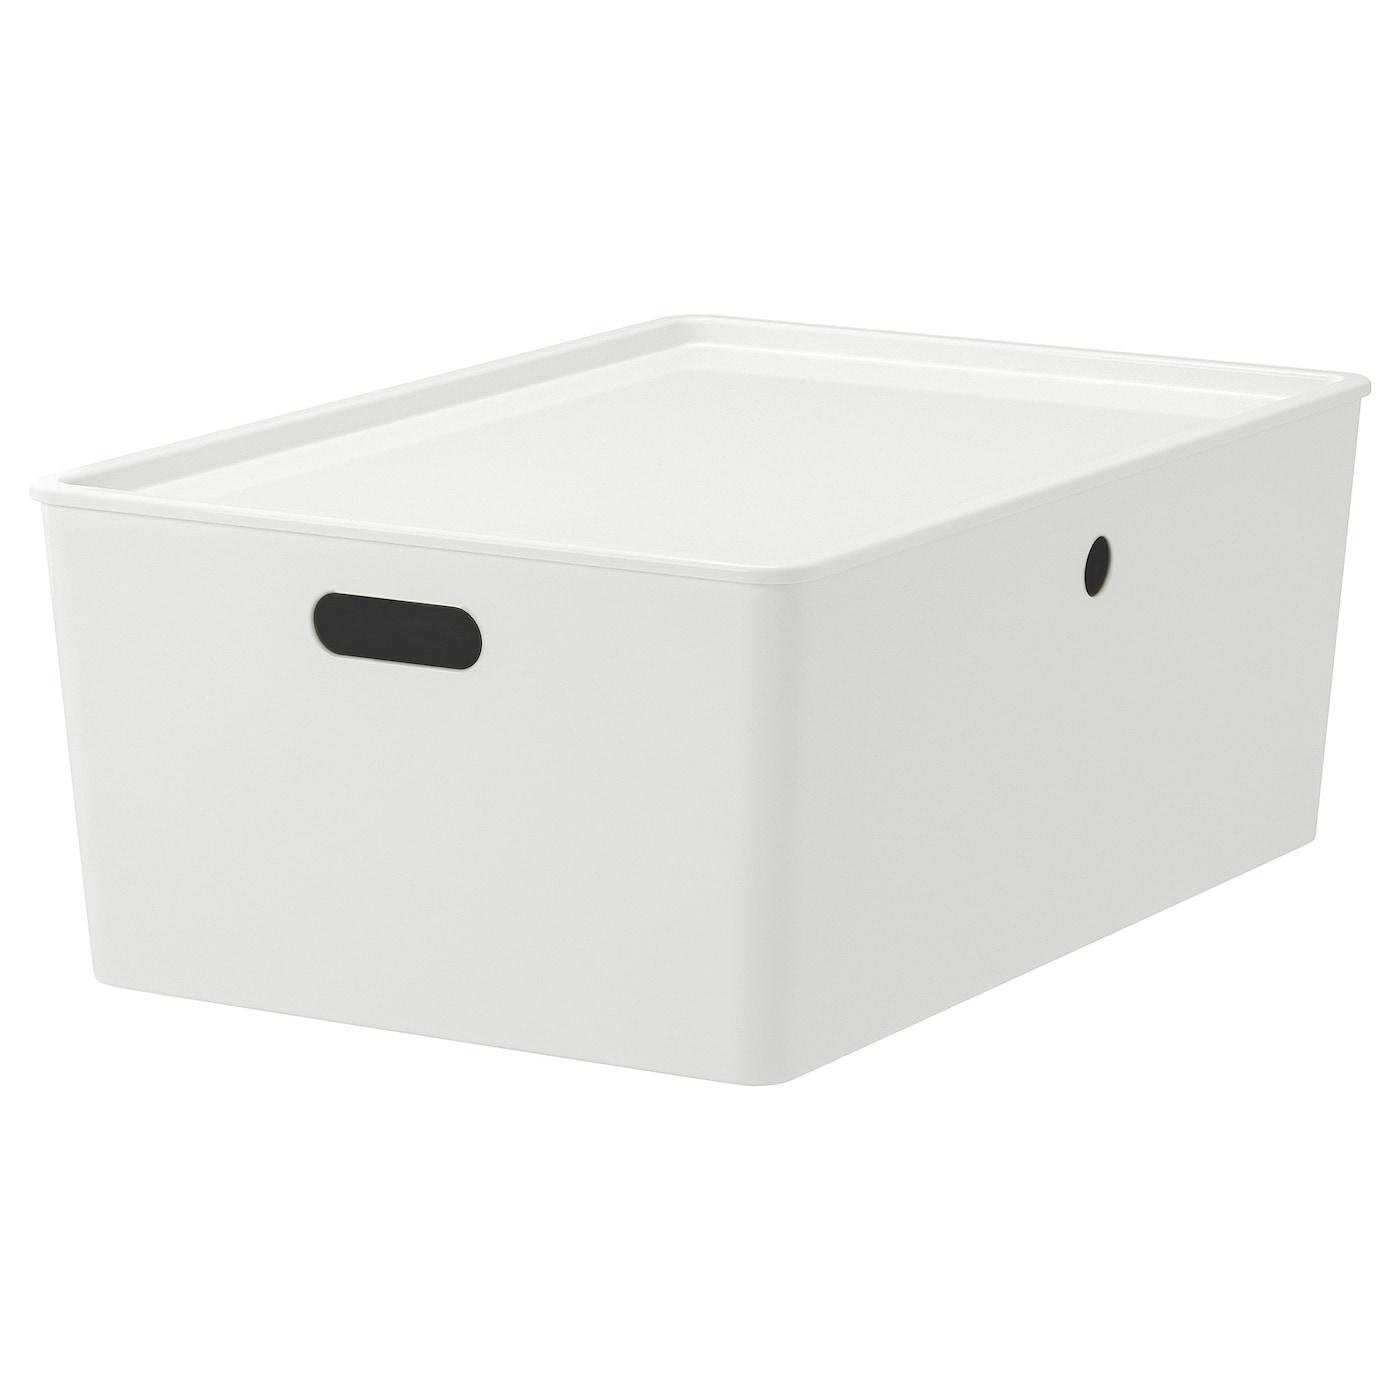 IKEA KUGGIS Box mit Deckel - 54 x 37 x 21 cm